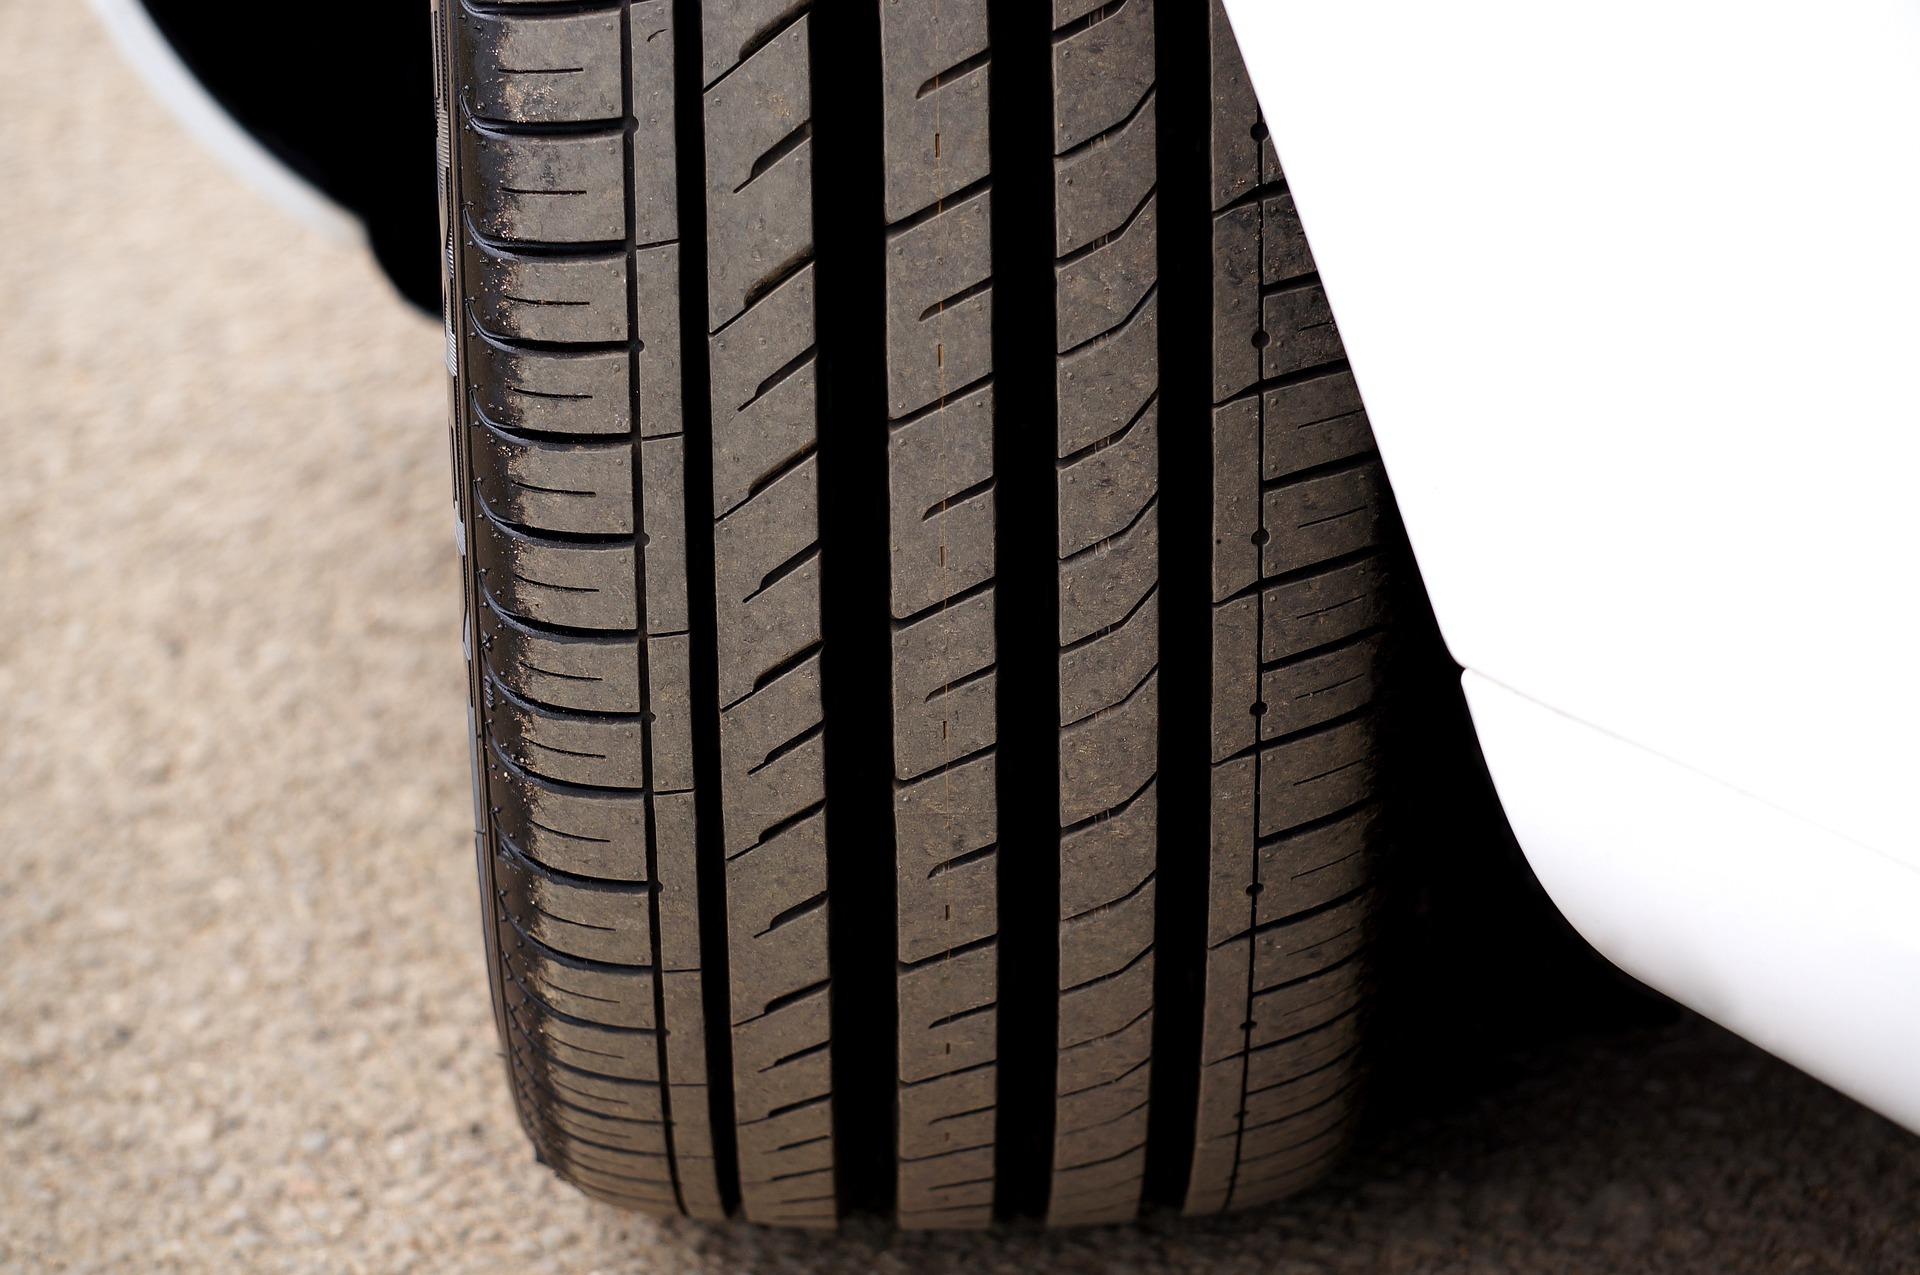 Бескамерная резина оказалась не такой «устойчивой». Почему шина спускает без видимой причины, рассказали специалисты.